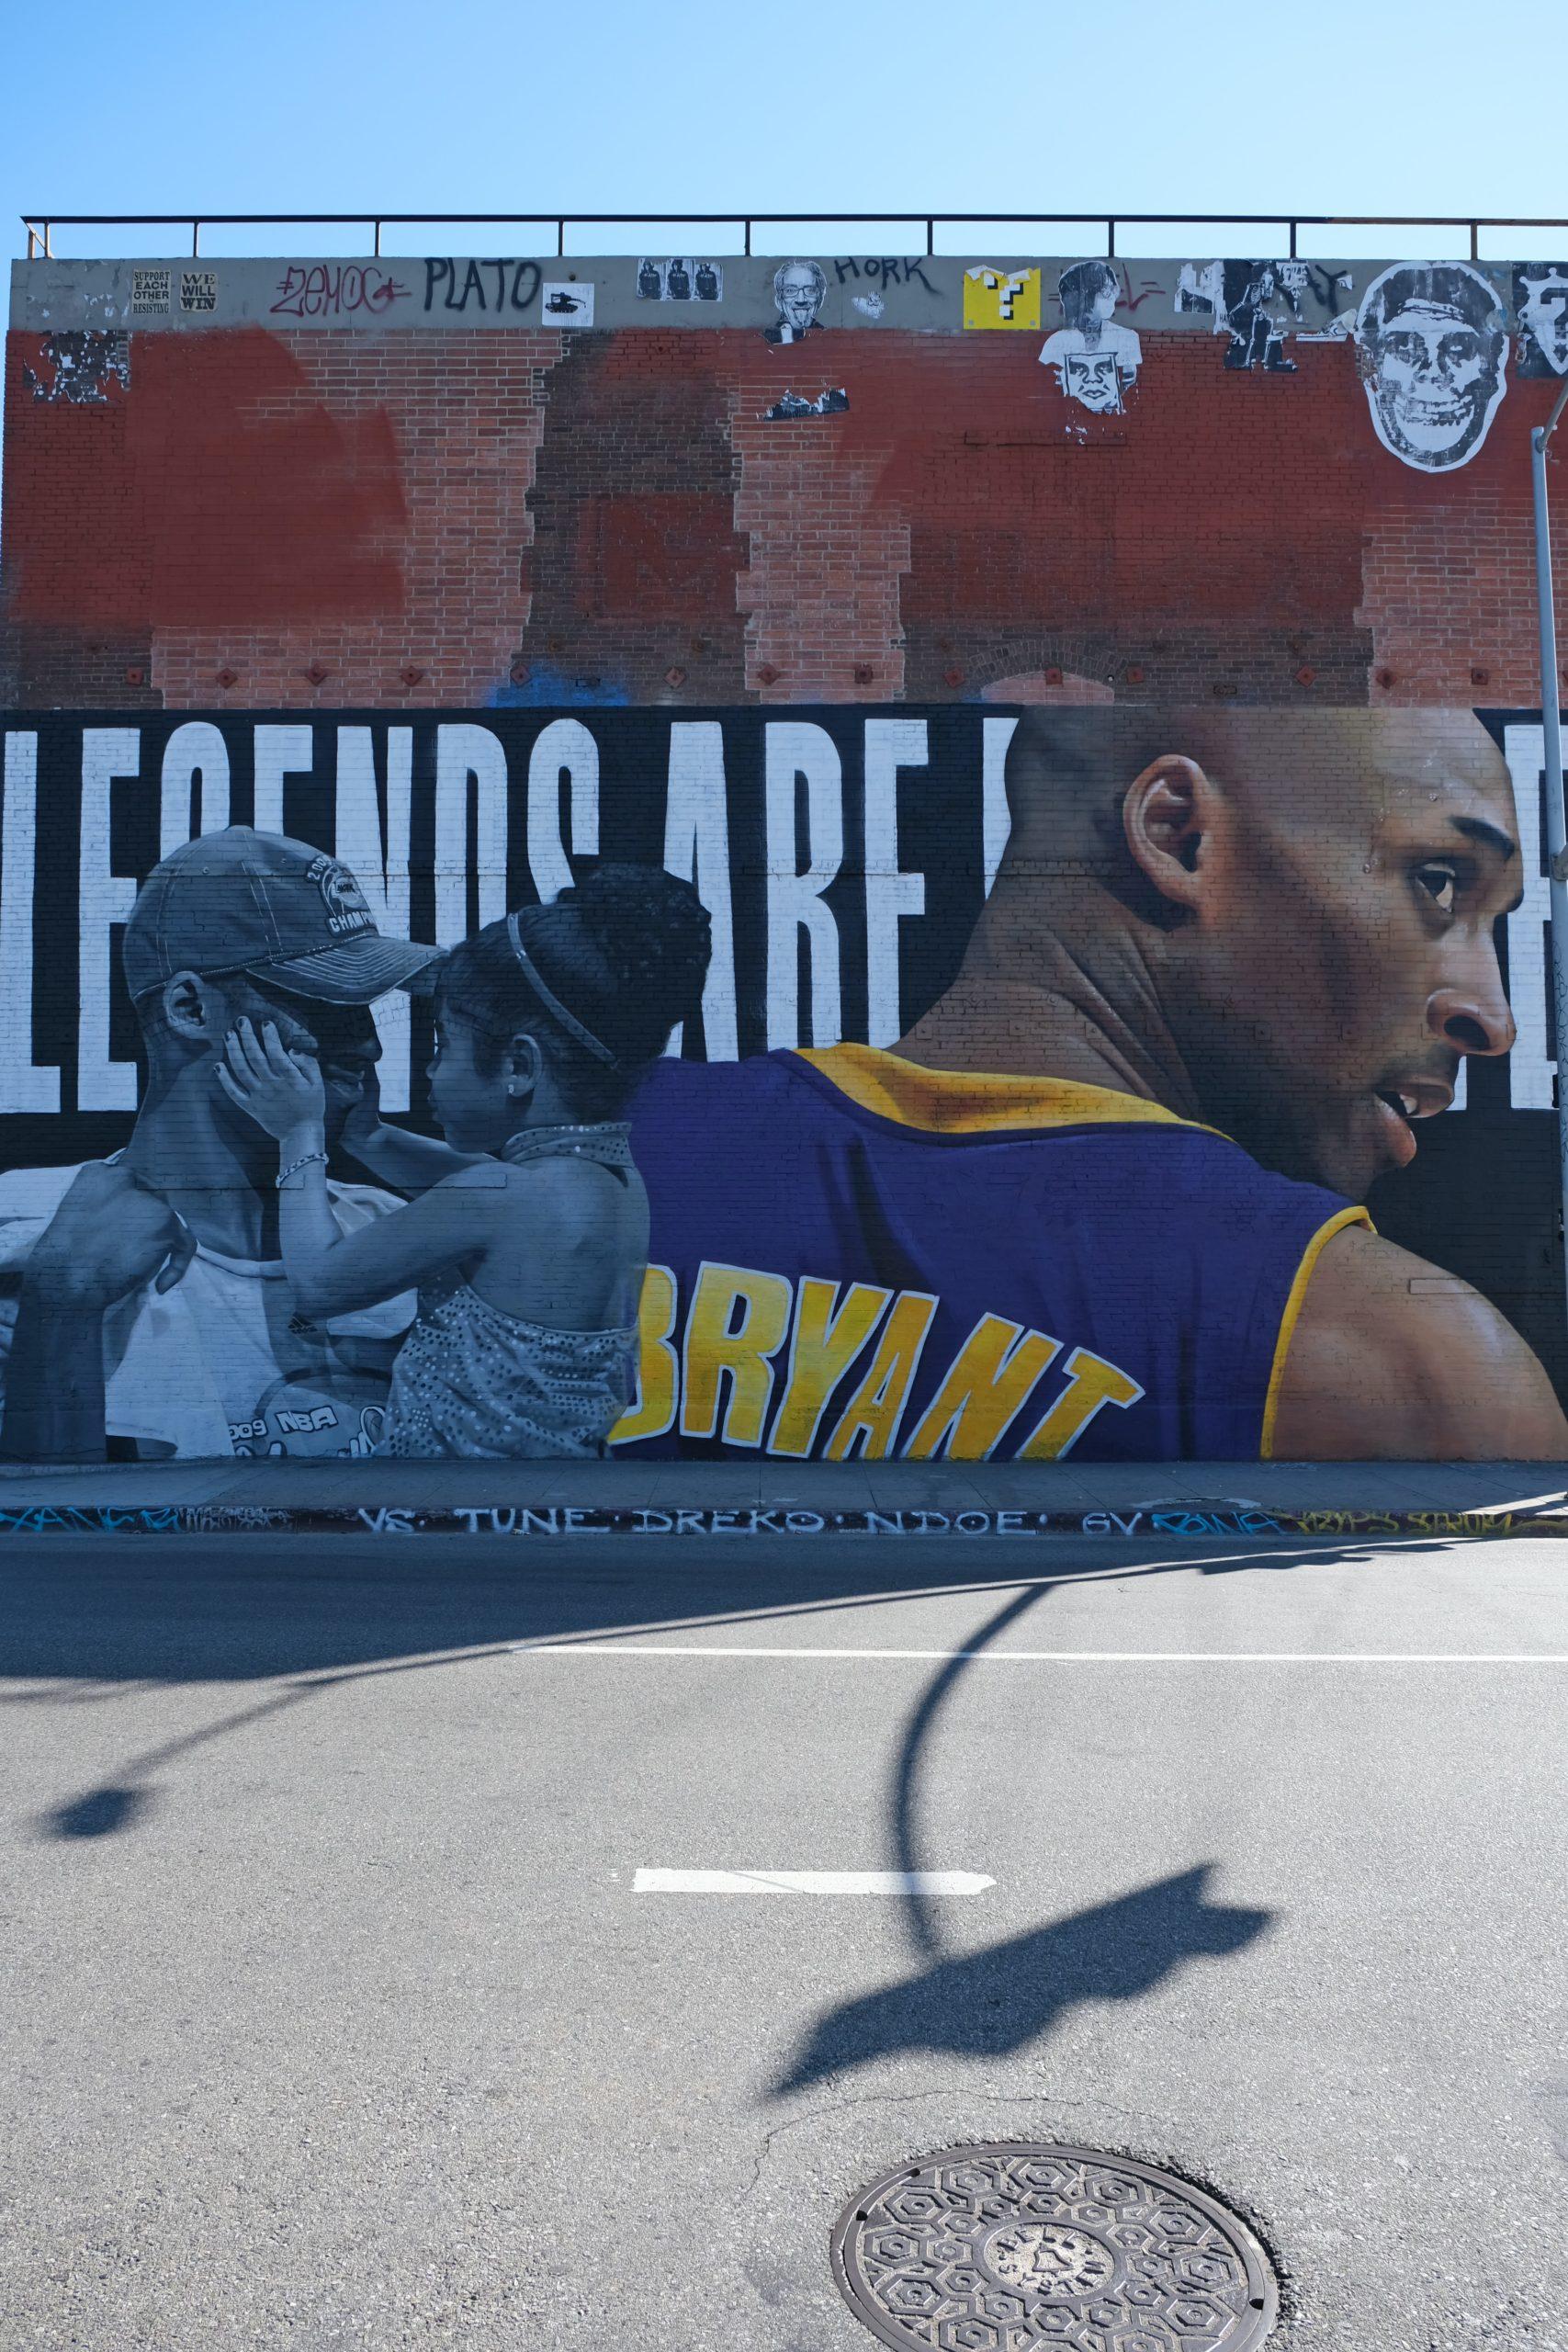 10 Regeln für Erfolg (nach Kobe Bryant)